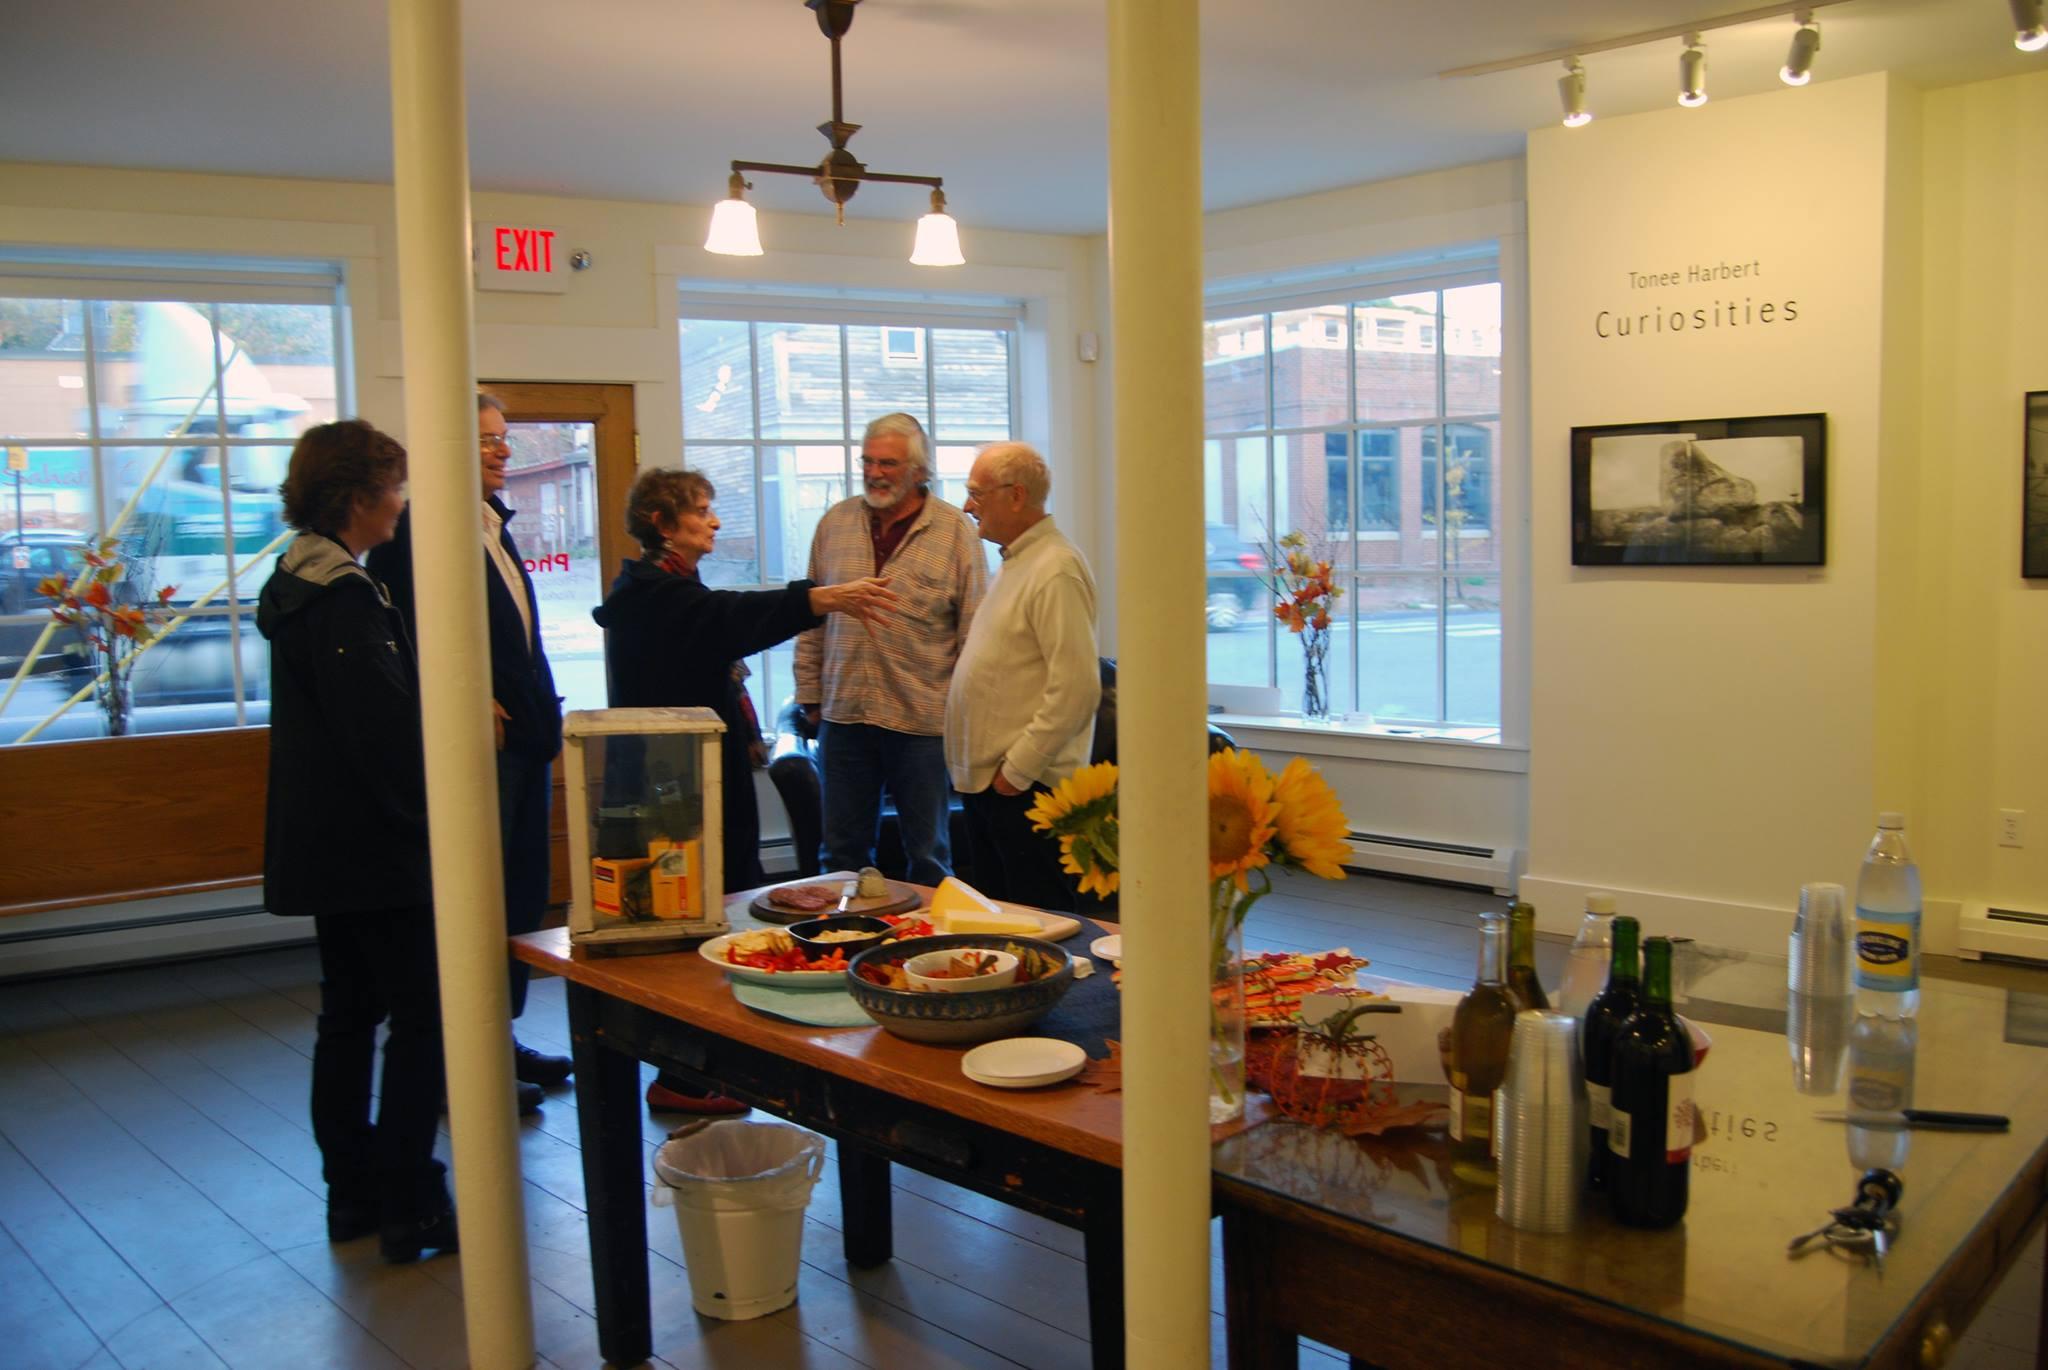 Tonee Harbert's Opening | October 2014